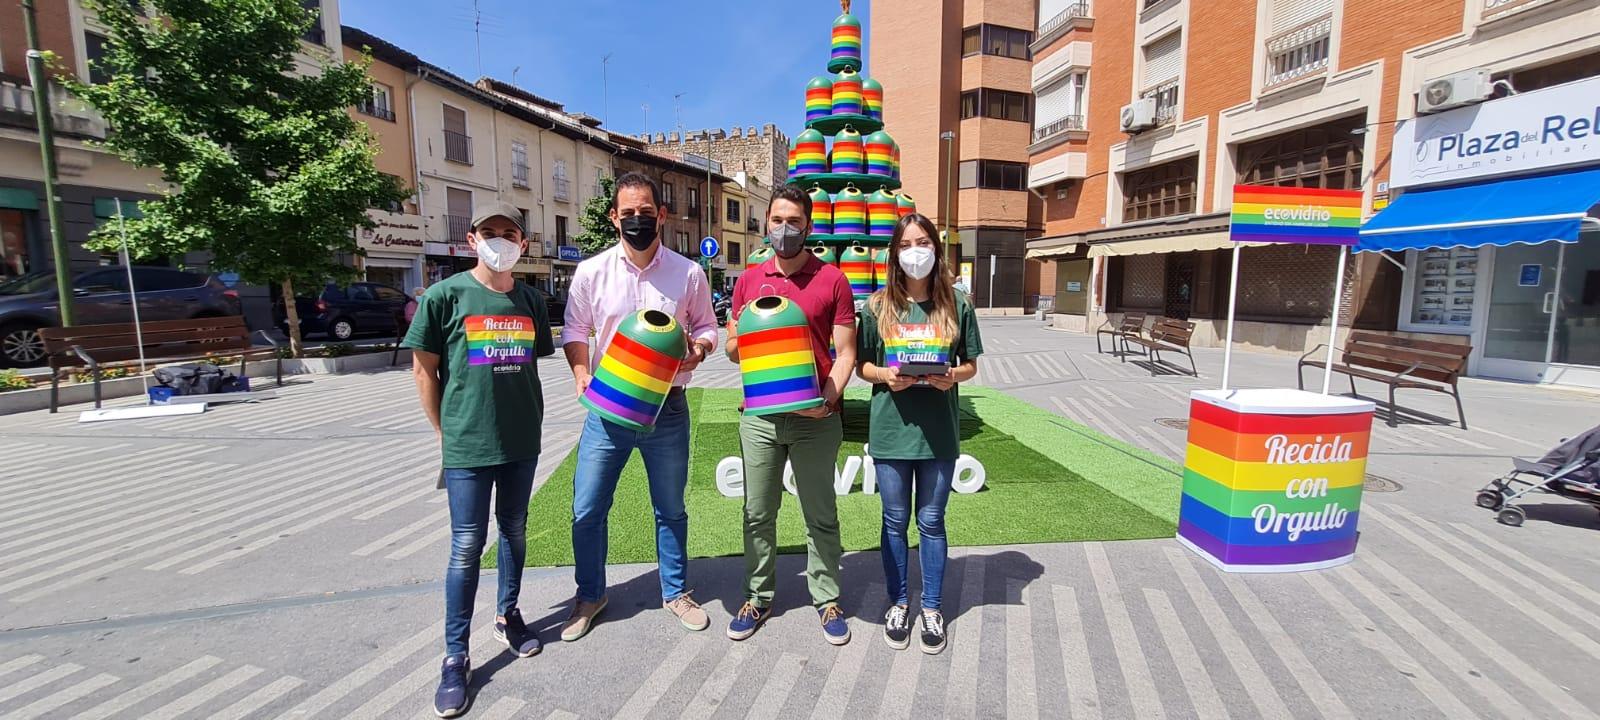 El Ayuntamiento se suma a la campaña #OrgulloDeReciclarVidrio de Ecovidrio que aúna valores sostenibles como el reciclaje y sociales como la igualdad